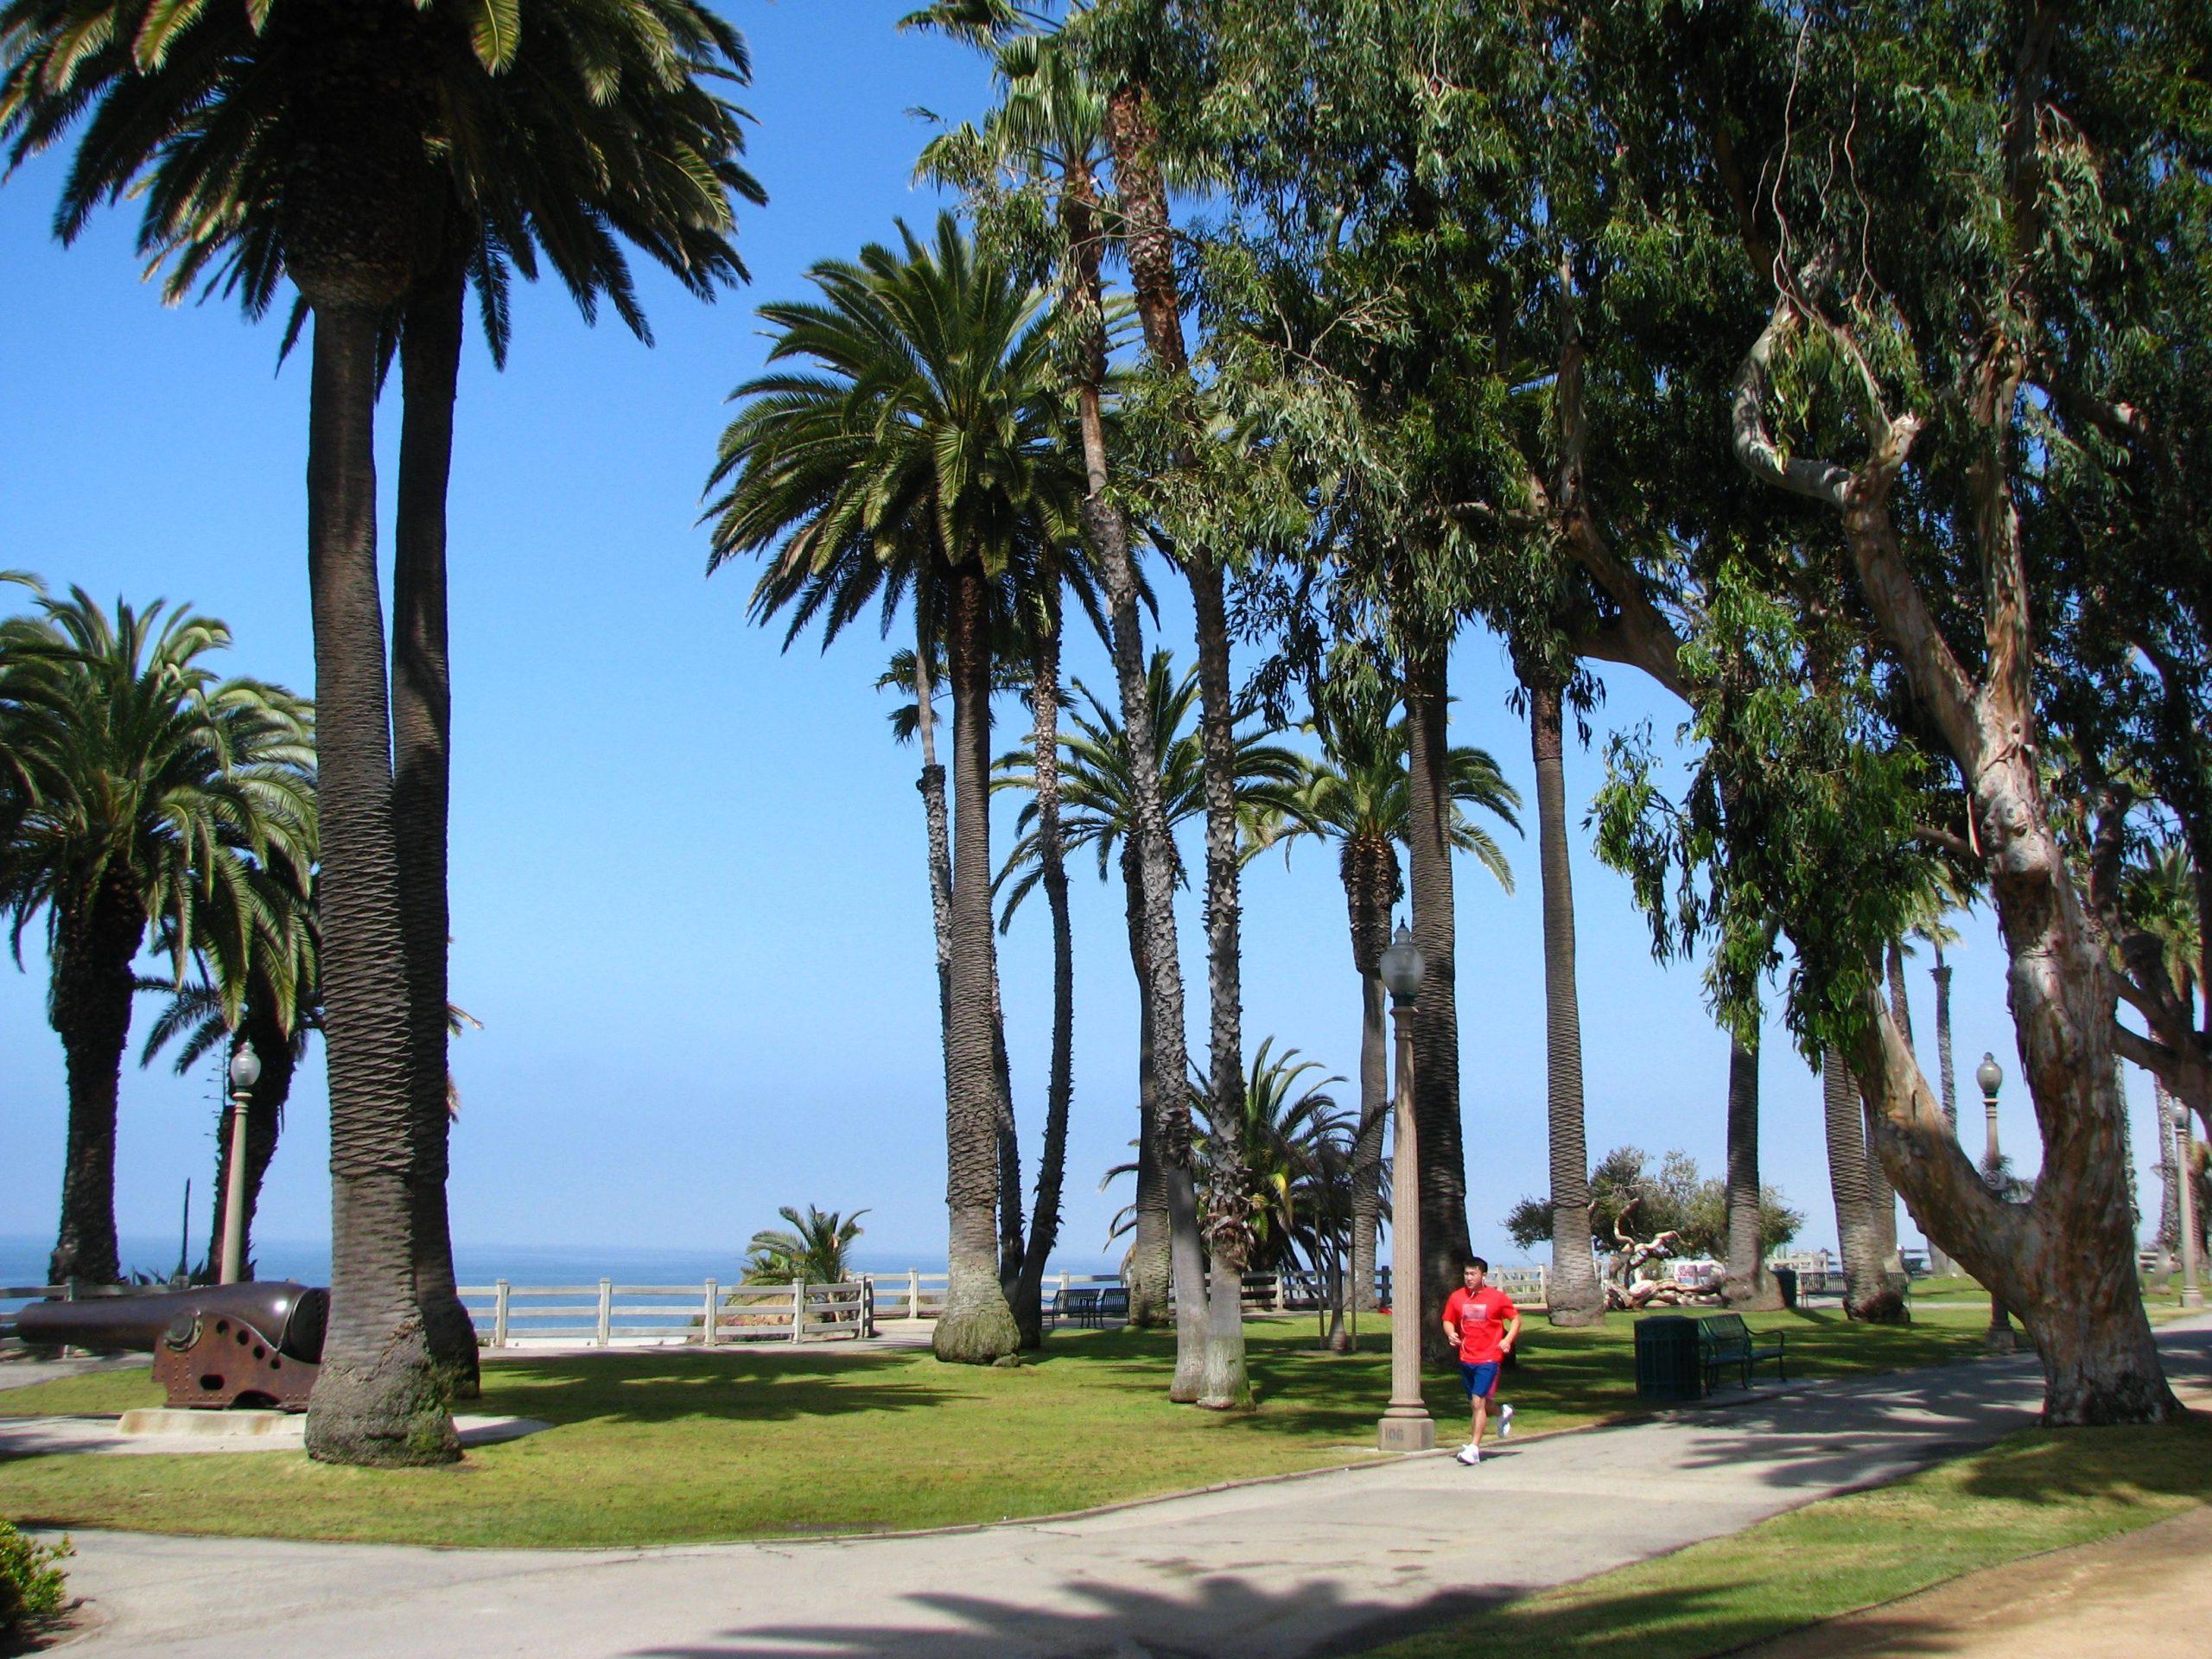 Panduan Santa Monica dan Venice Beach di Abbot Kinney Boulevard